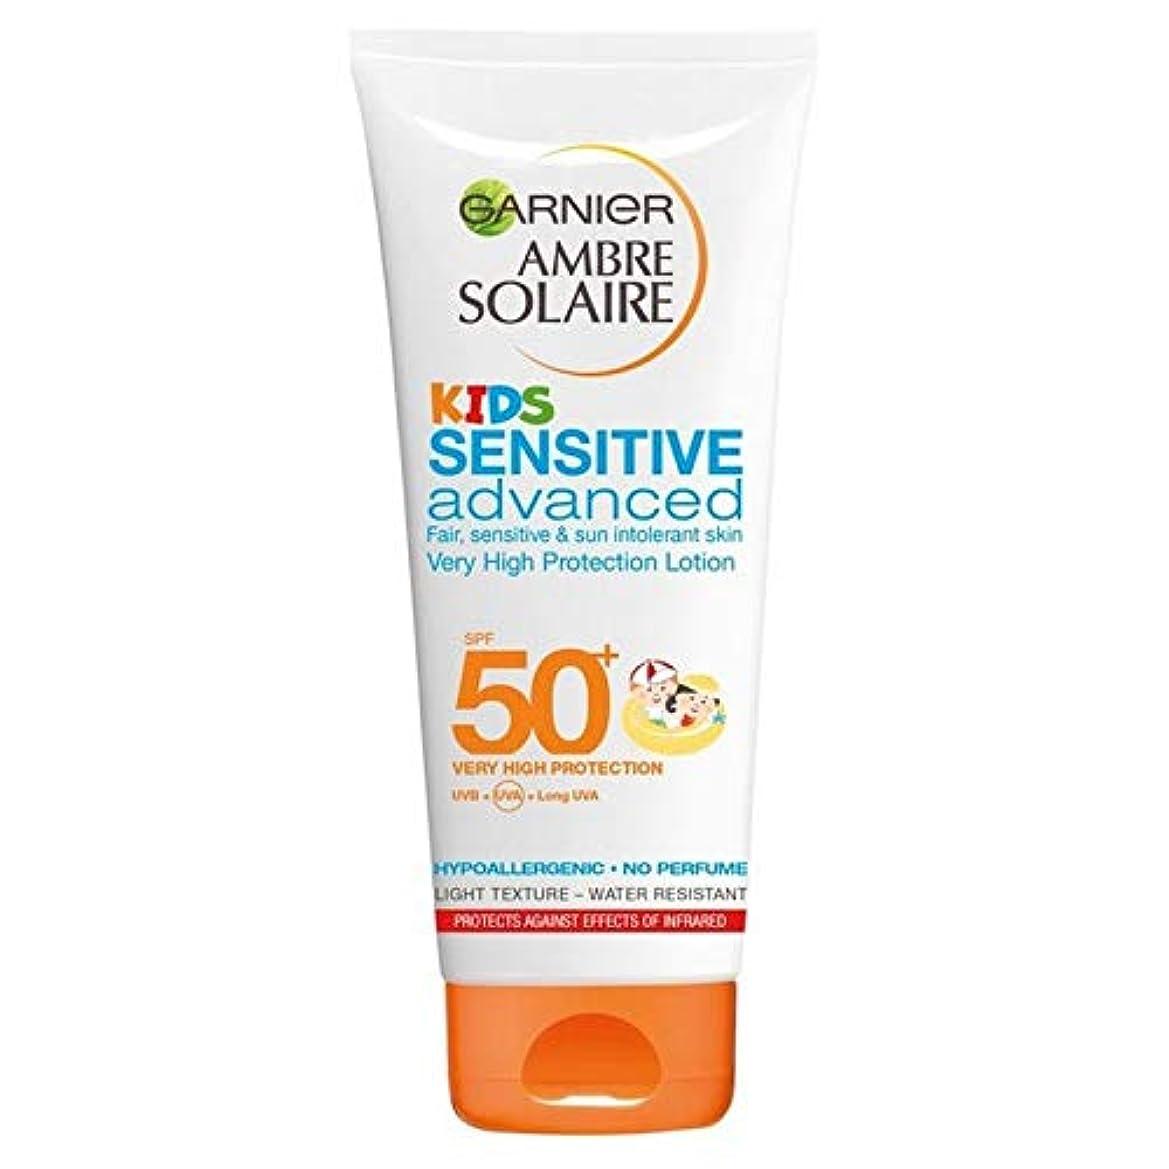 いつほんのハードウェア[Garnier ] アンブレSolaire子供敏感日クリームローションSpf50 + 200ミリリットル - Ambre Solaire Kids Sensitive Sun Cream Lotion SPF50+ 200ml...